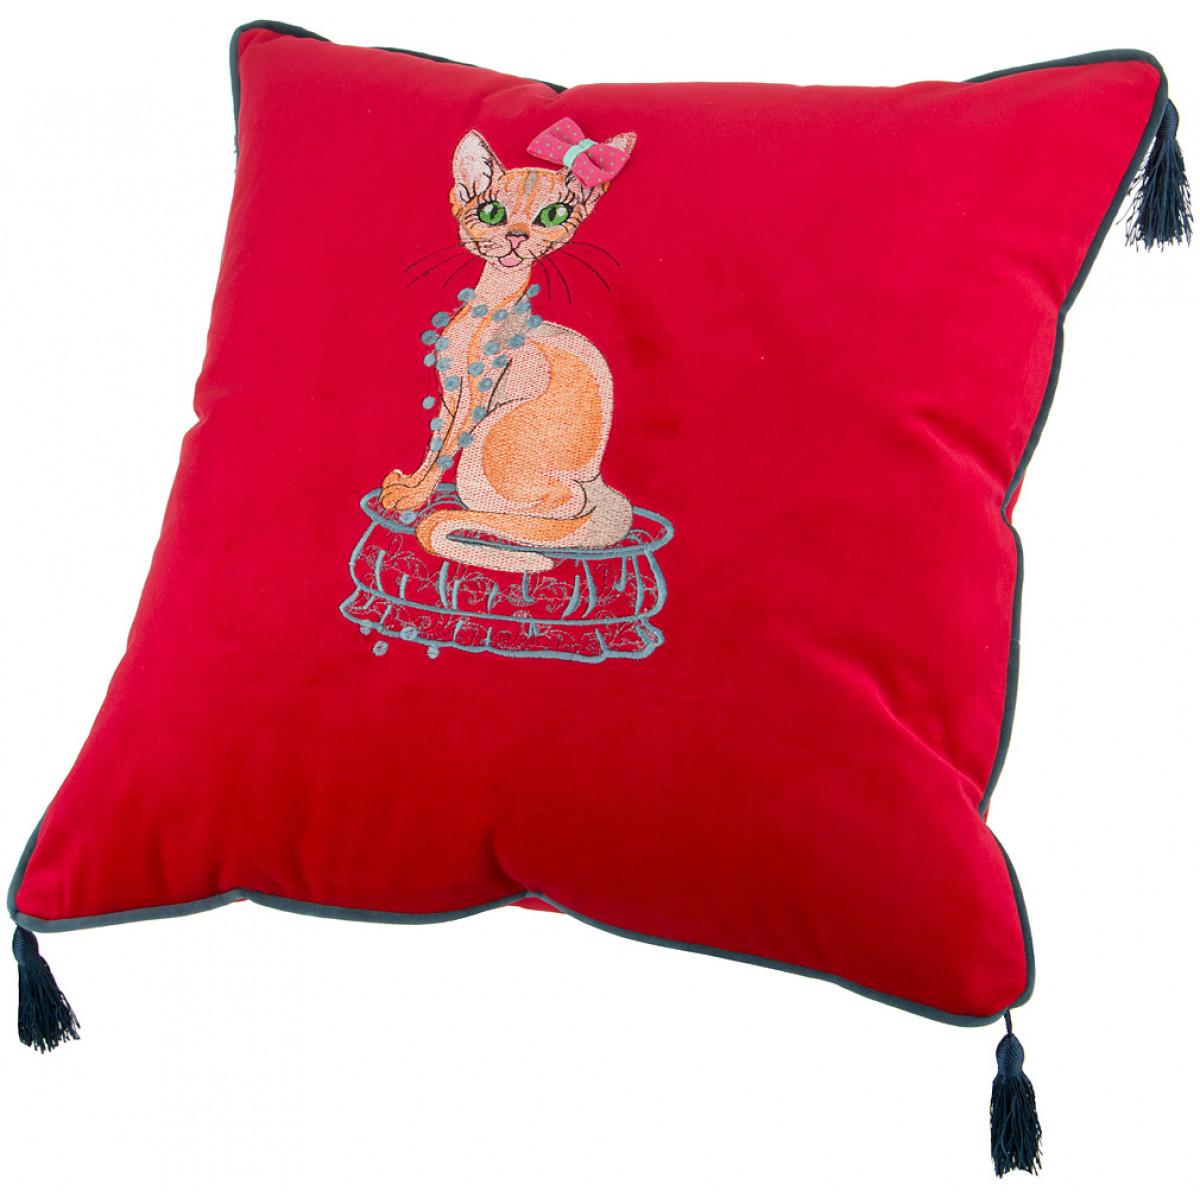 Декоративные подушки Santalino Декоративная подушка Alesha  (45х45) подушка арти м декоративная 45х45 см цветы 703 694 37